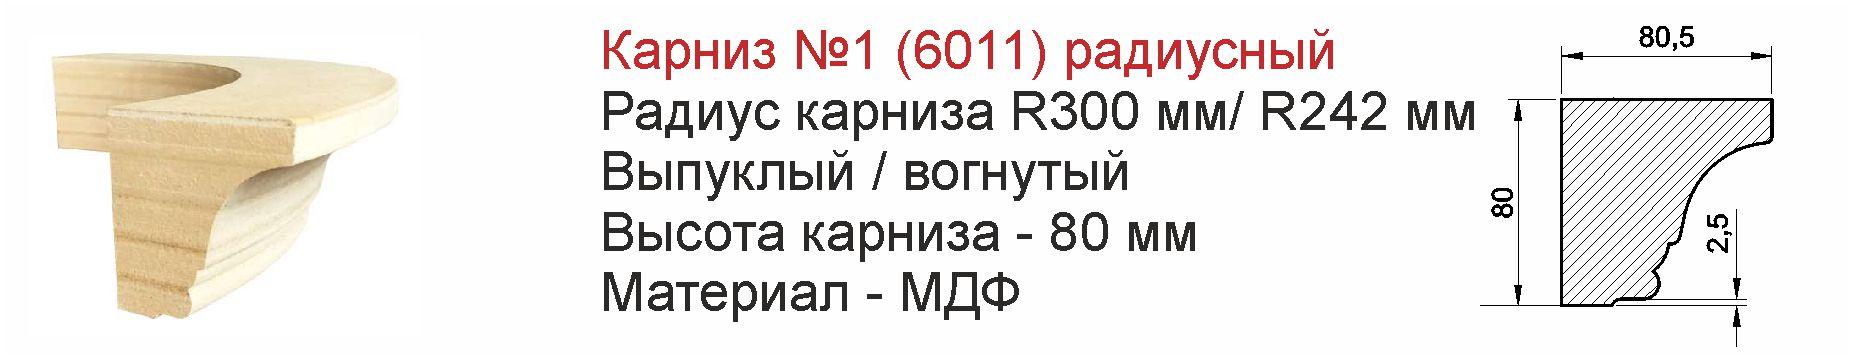 Радиусный кухонный карниз из МДФ №1 (6011)